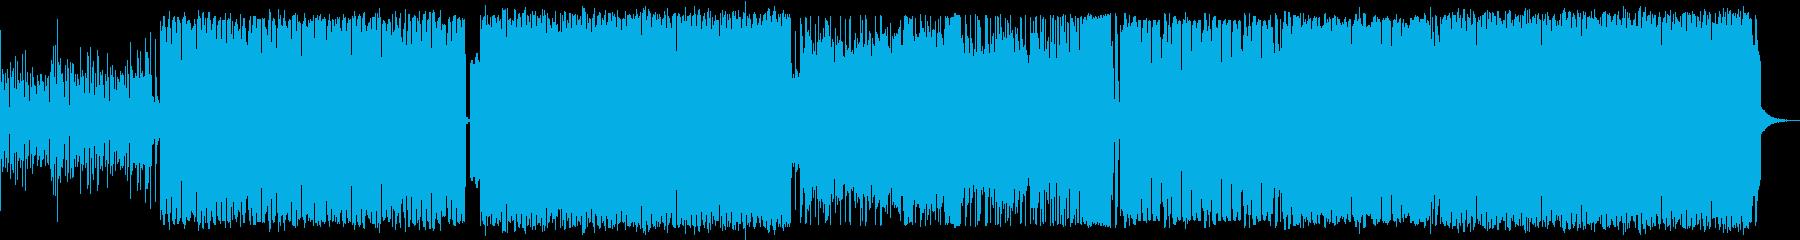 明るくてノリの良いハウス調の曲の再生済みの波形